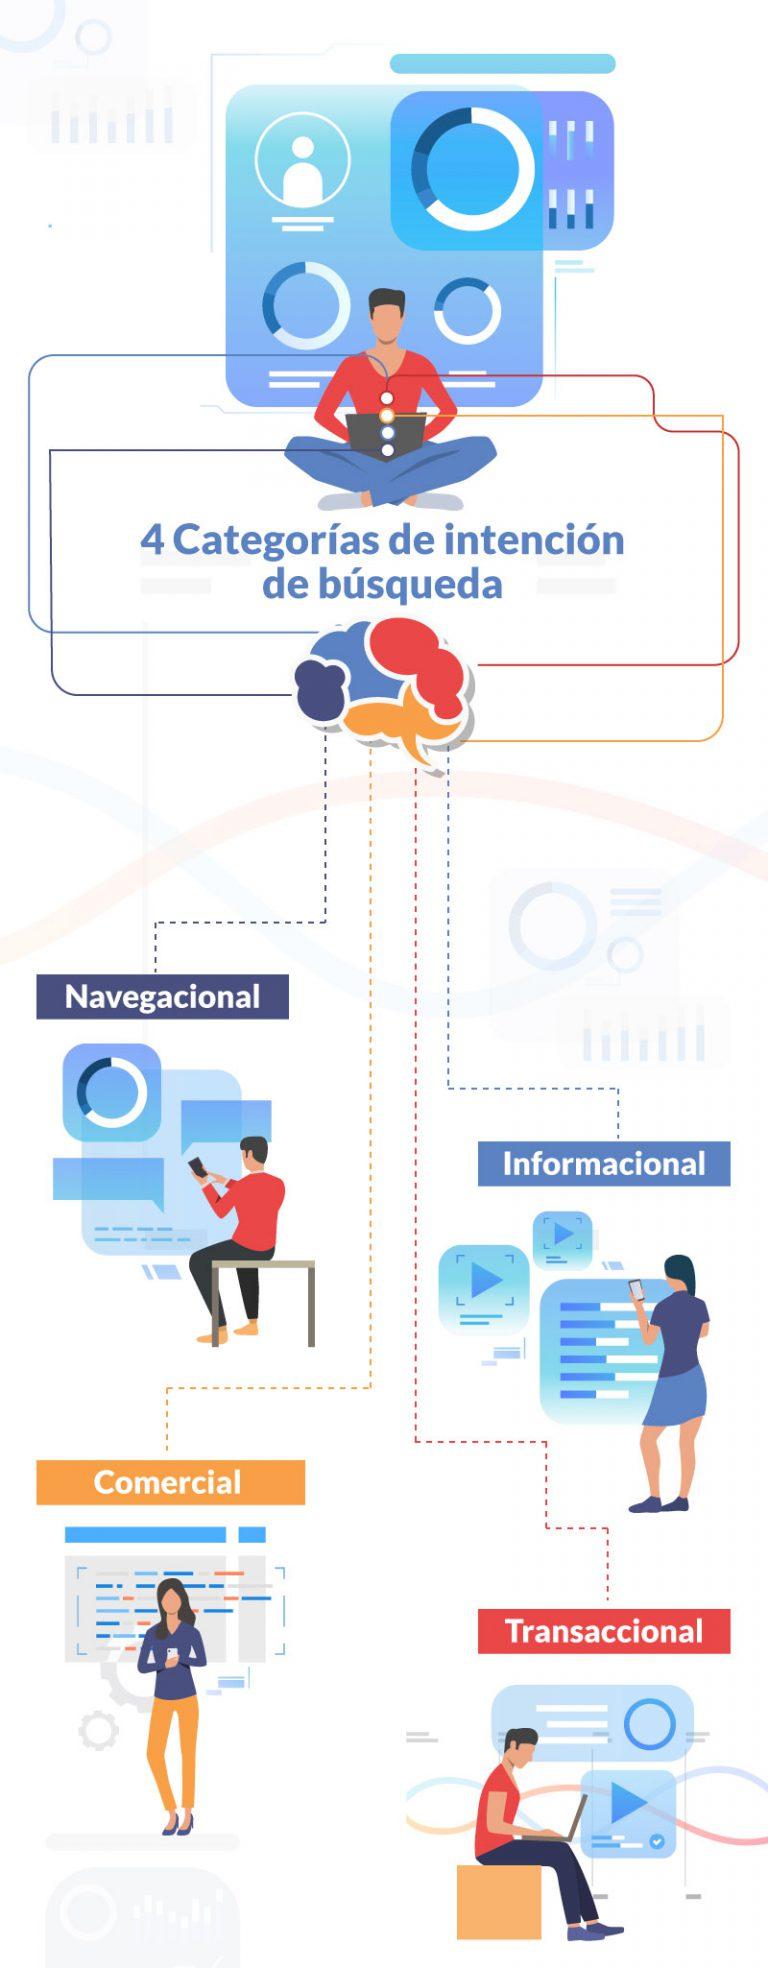 Tipos de intenciones de busqueda en SEO #infografia